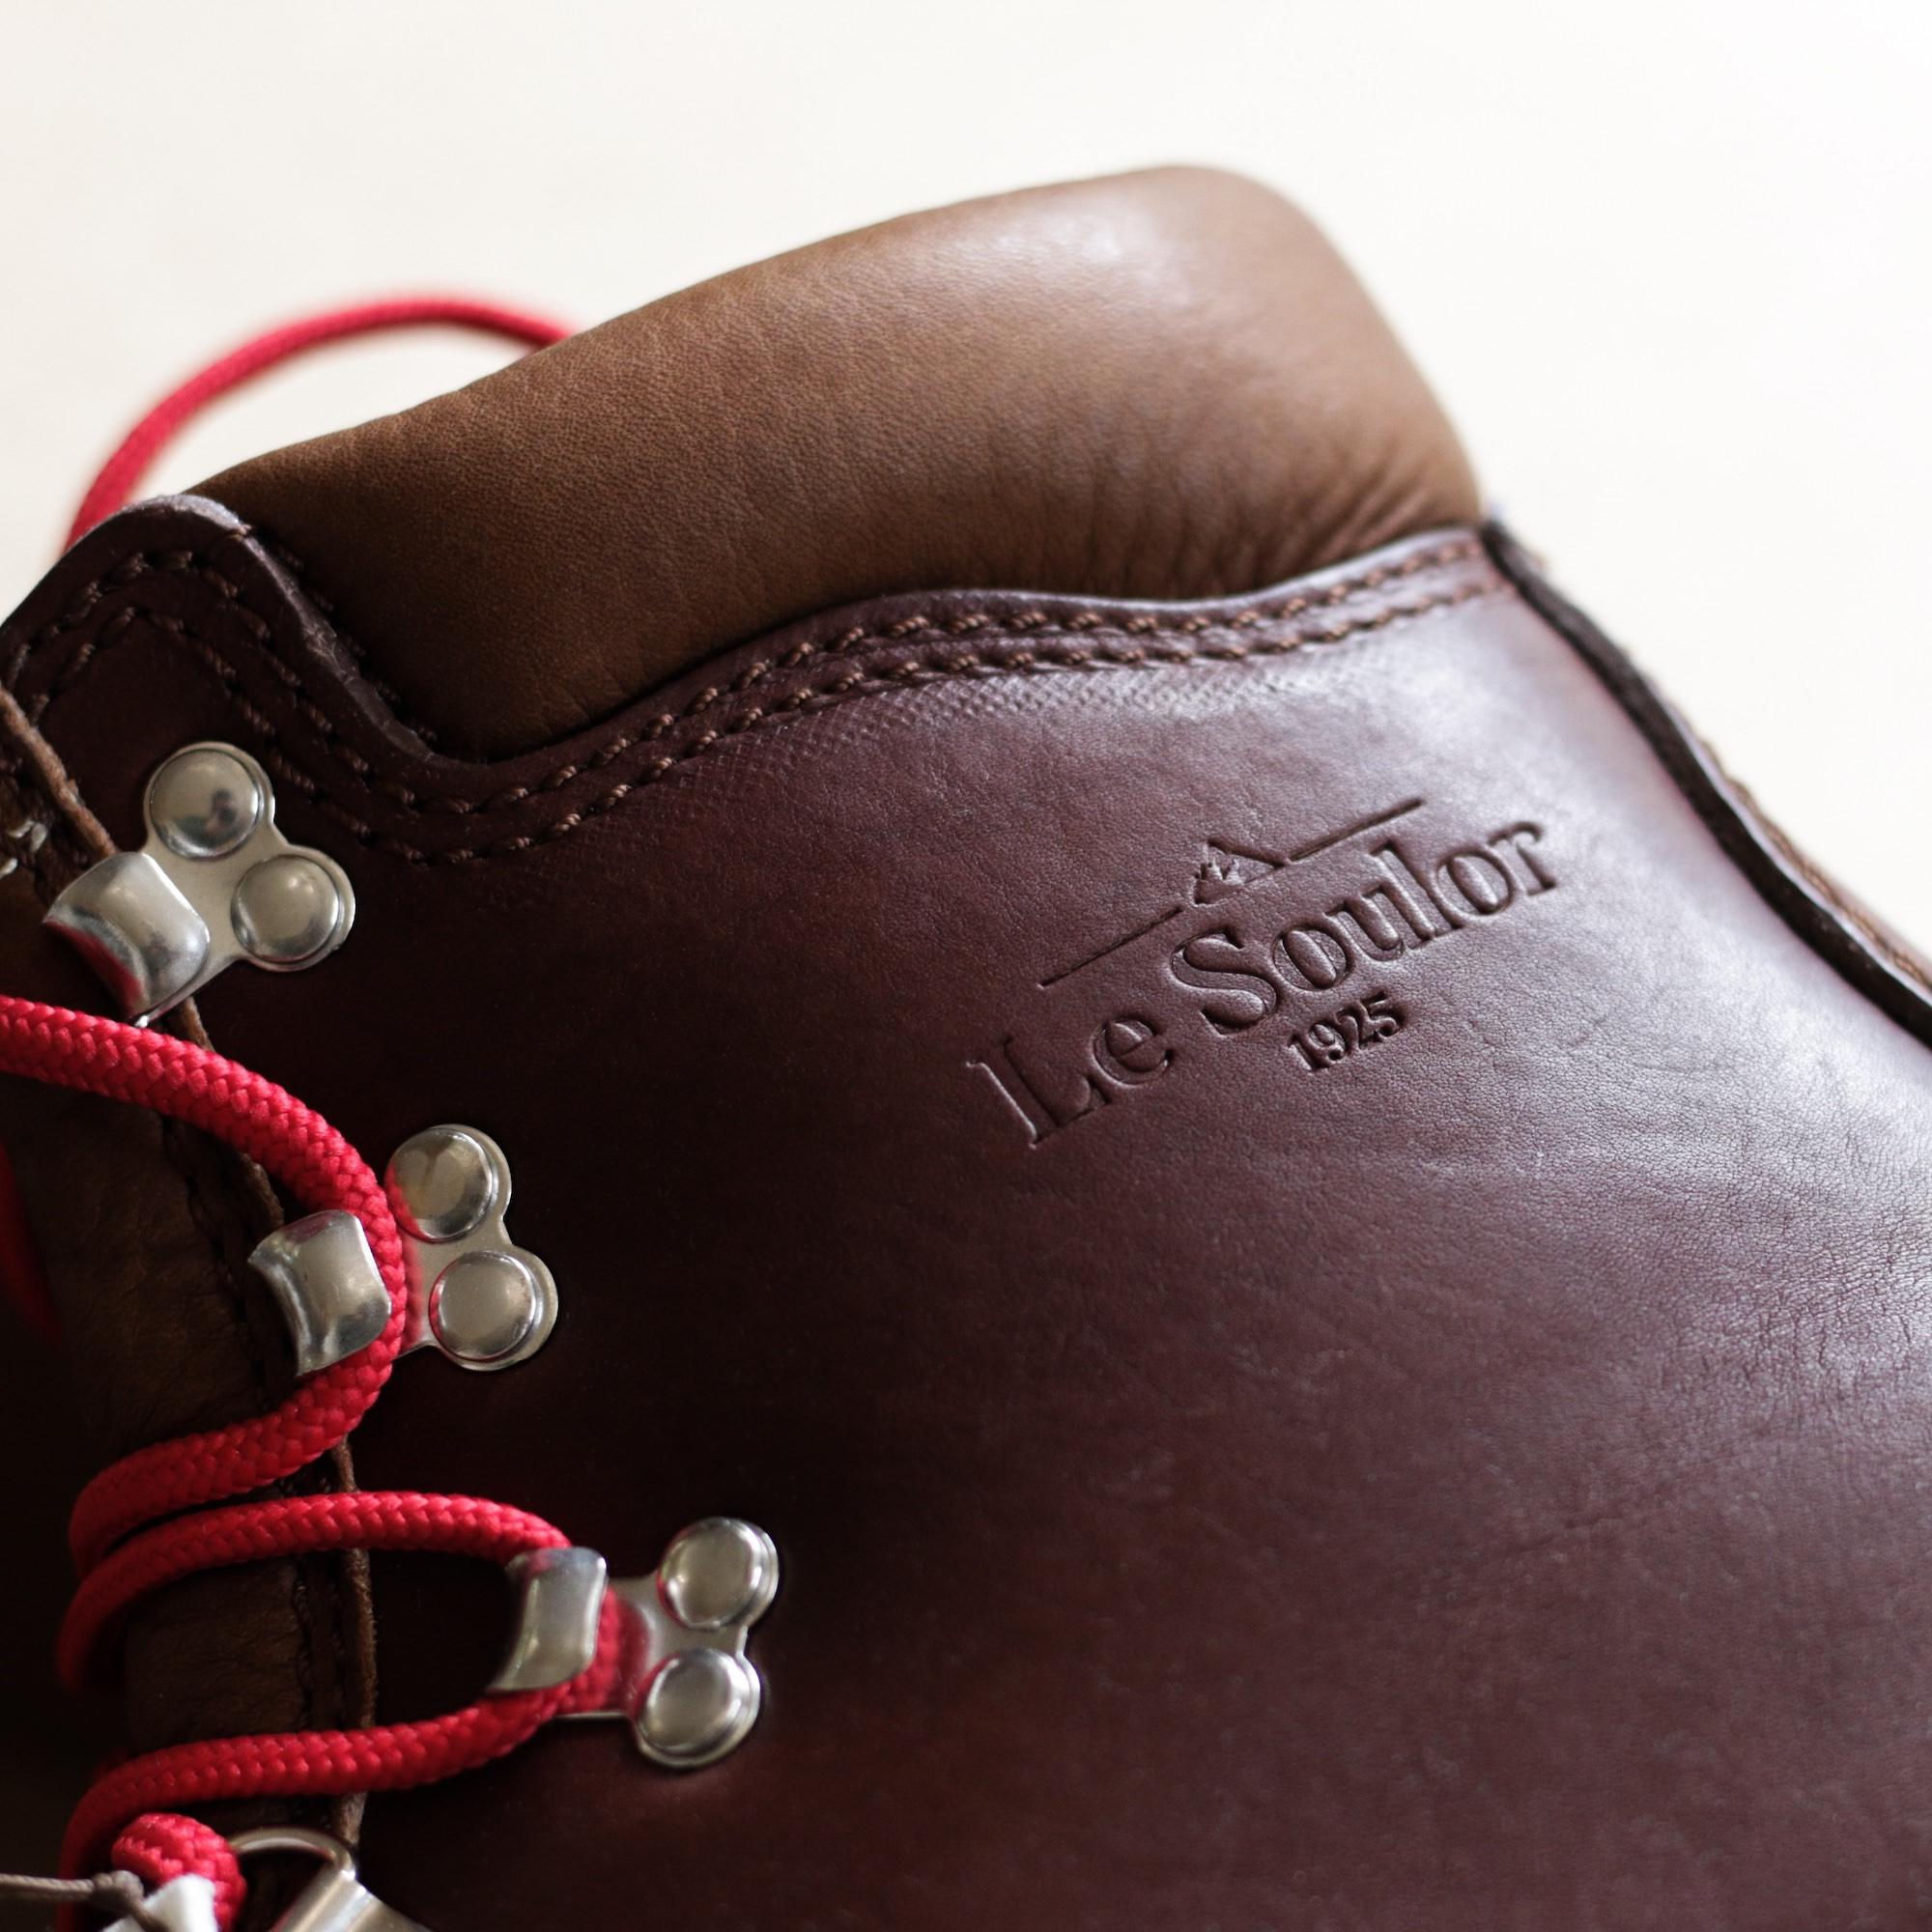 Le Chaussures Chaussures SoulorVéritable Chaussures Le Le SoulorVéritable uZPXOki